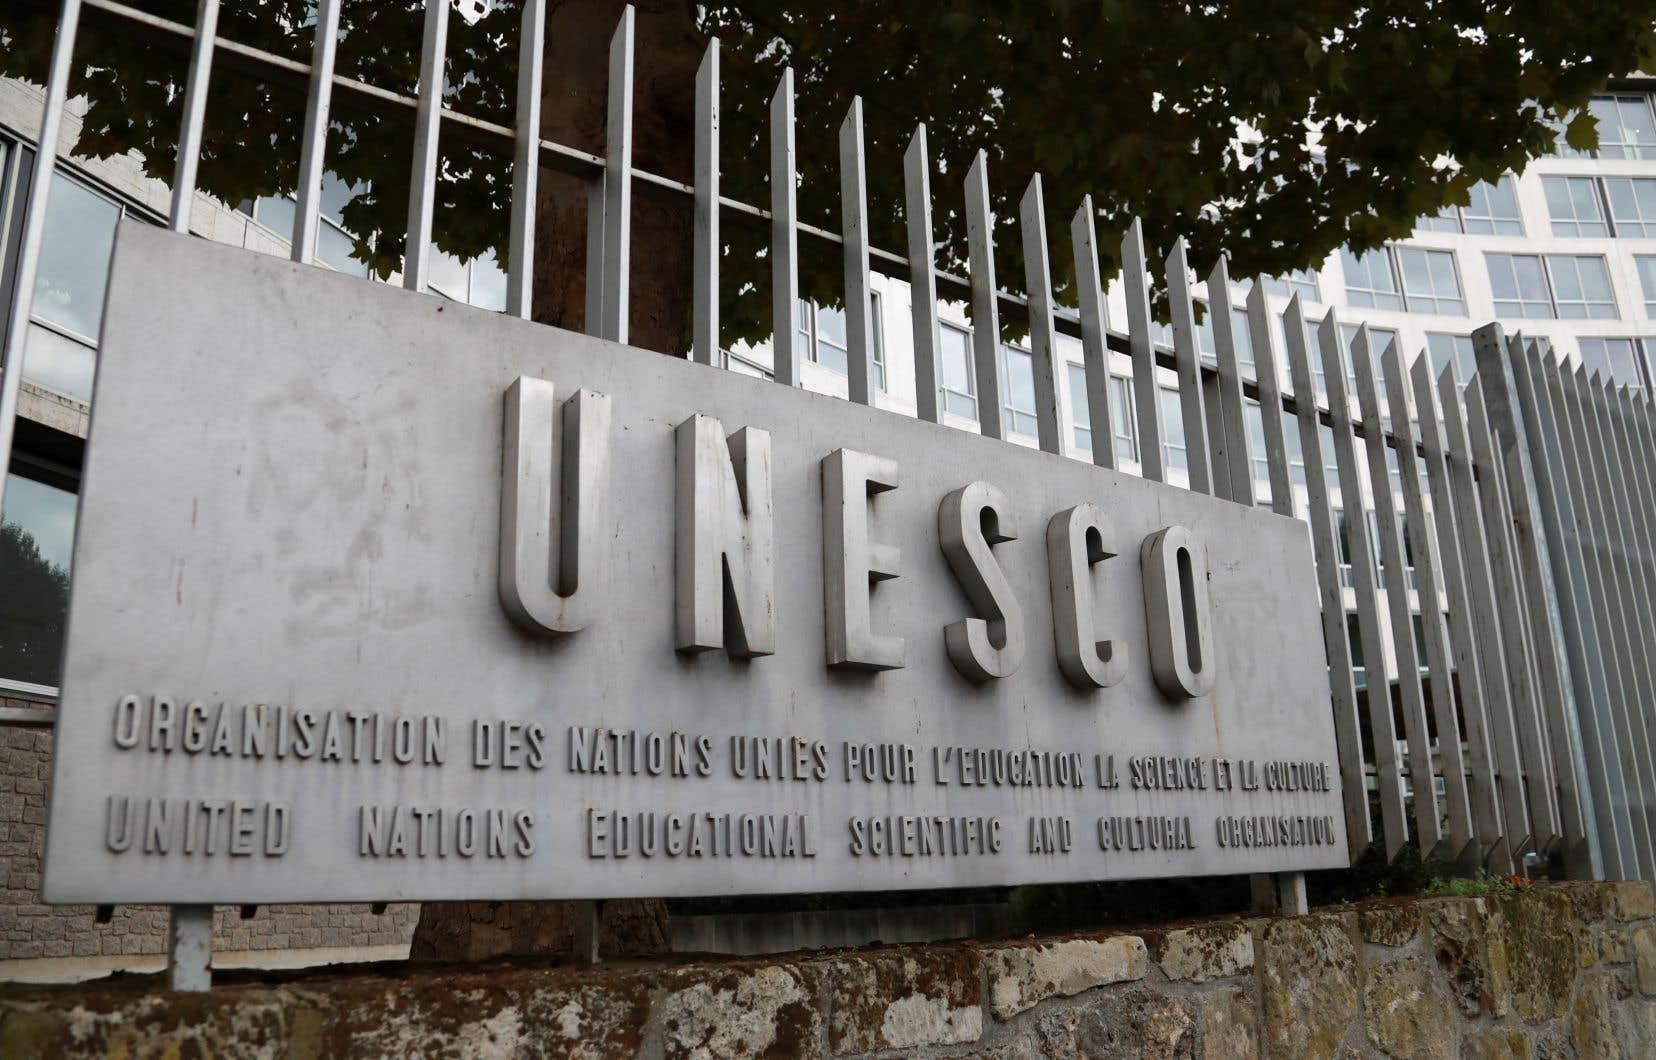 En 2011, l'admission de la Palestine au sein de l'UNESCO a accentué la crise et entraîné la suspension des contributions financières d'Israël et des États-Unis.